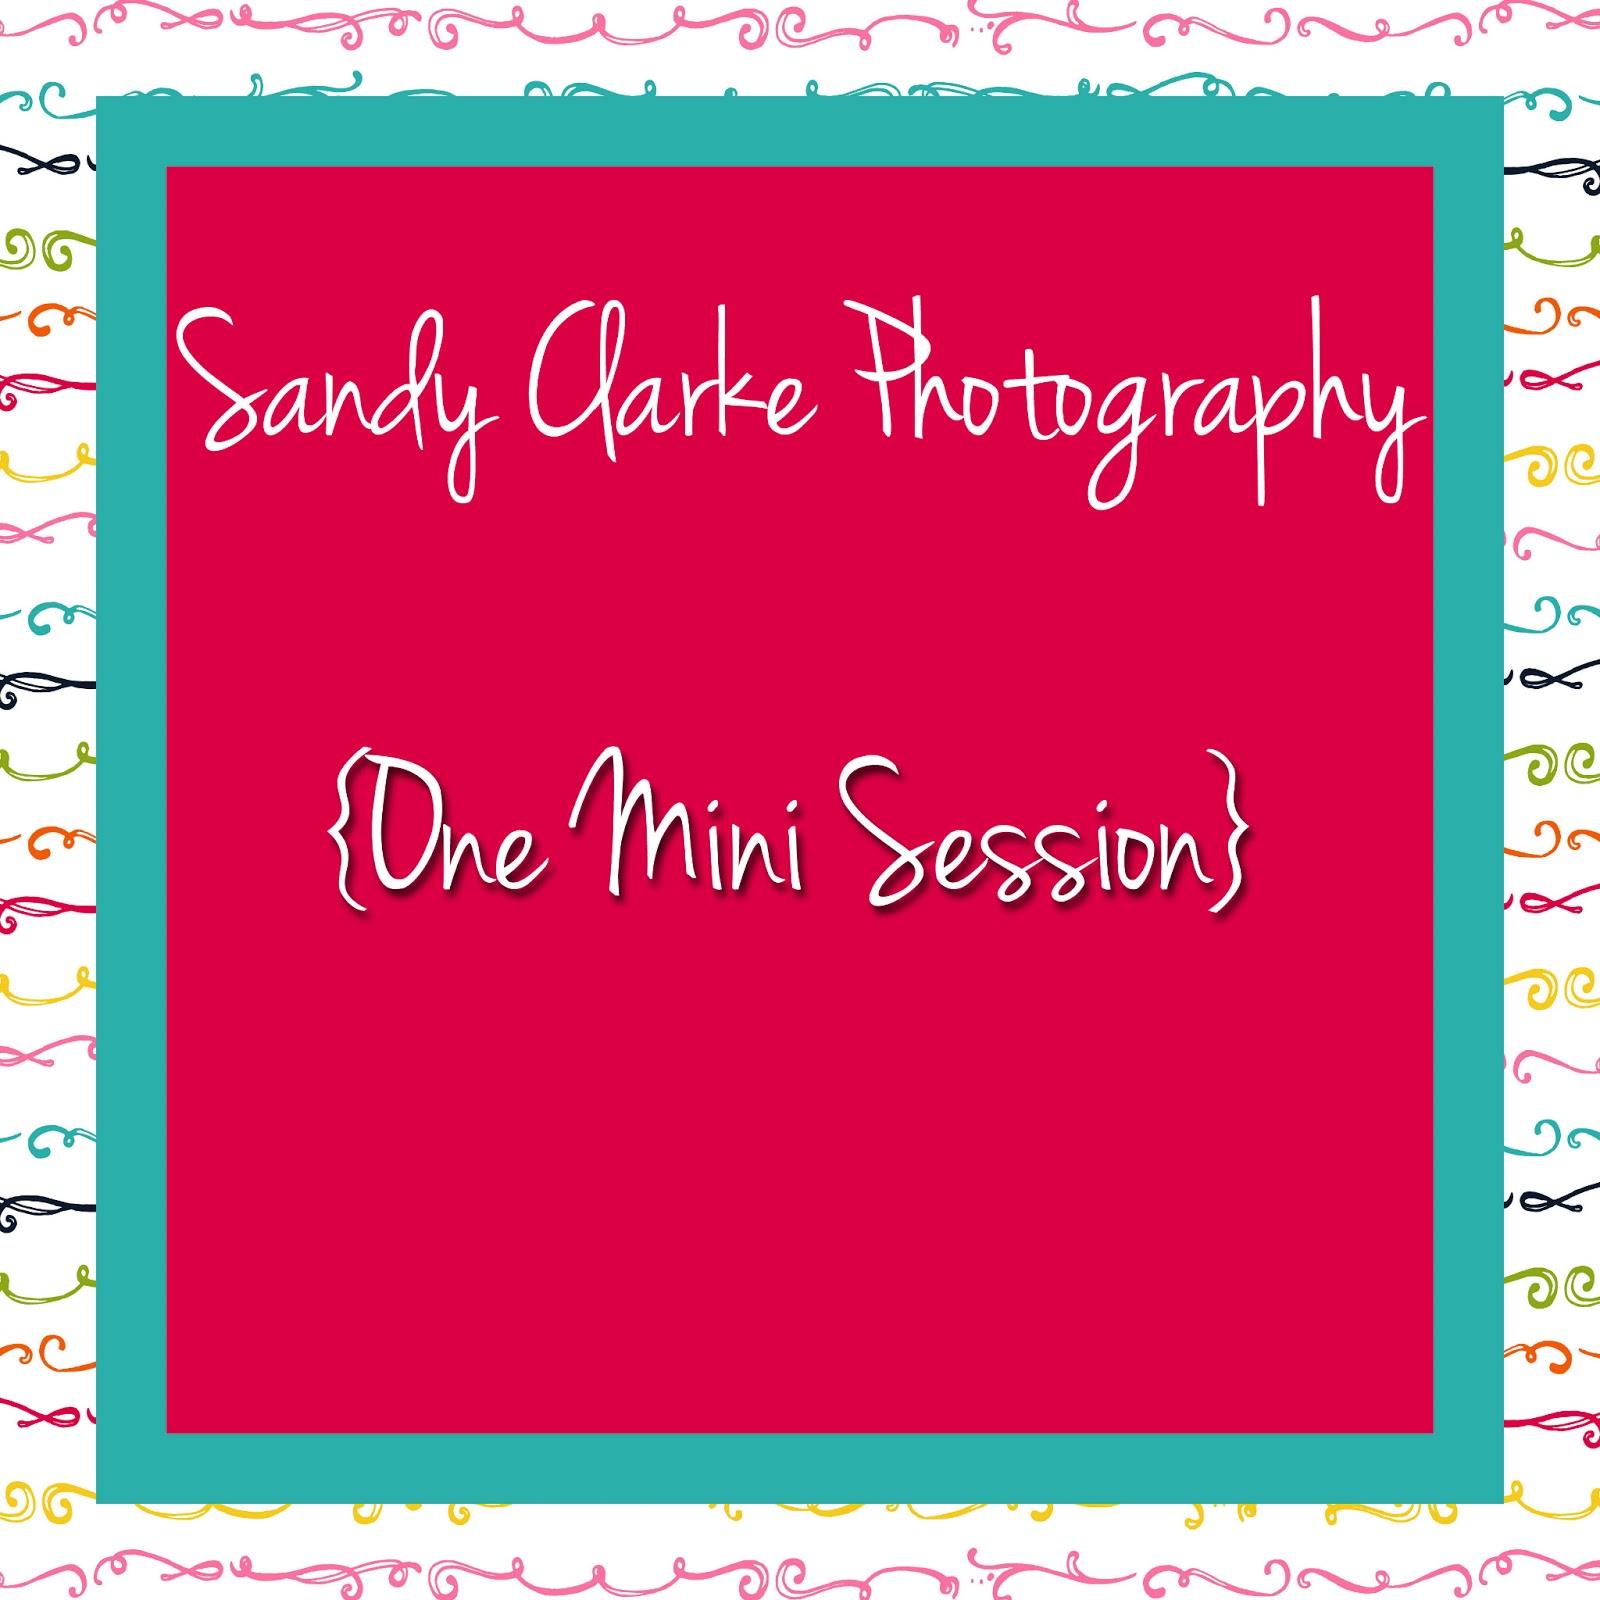 http://1.bp.blogspot.com/-KFtKOYeNZCE/USbkjxi9jhI/AAAAAAAACIw/JYQaU6JF9s0/s1600/Sanyd+Clarke+Photography.jpg